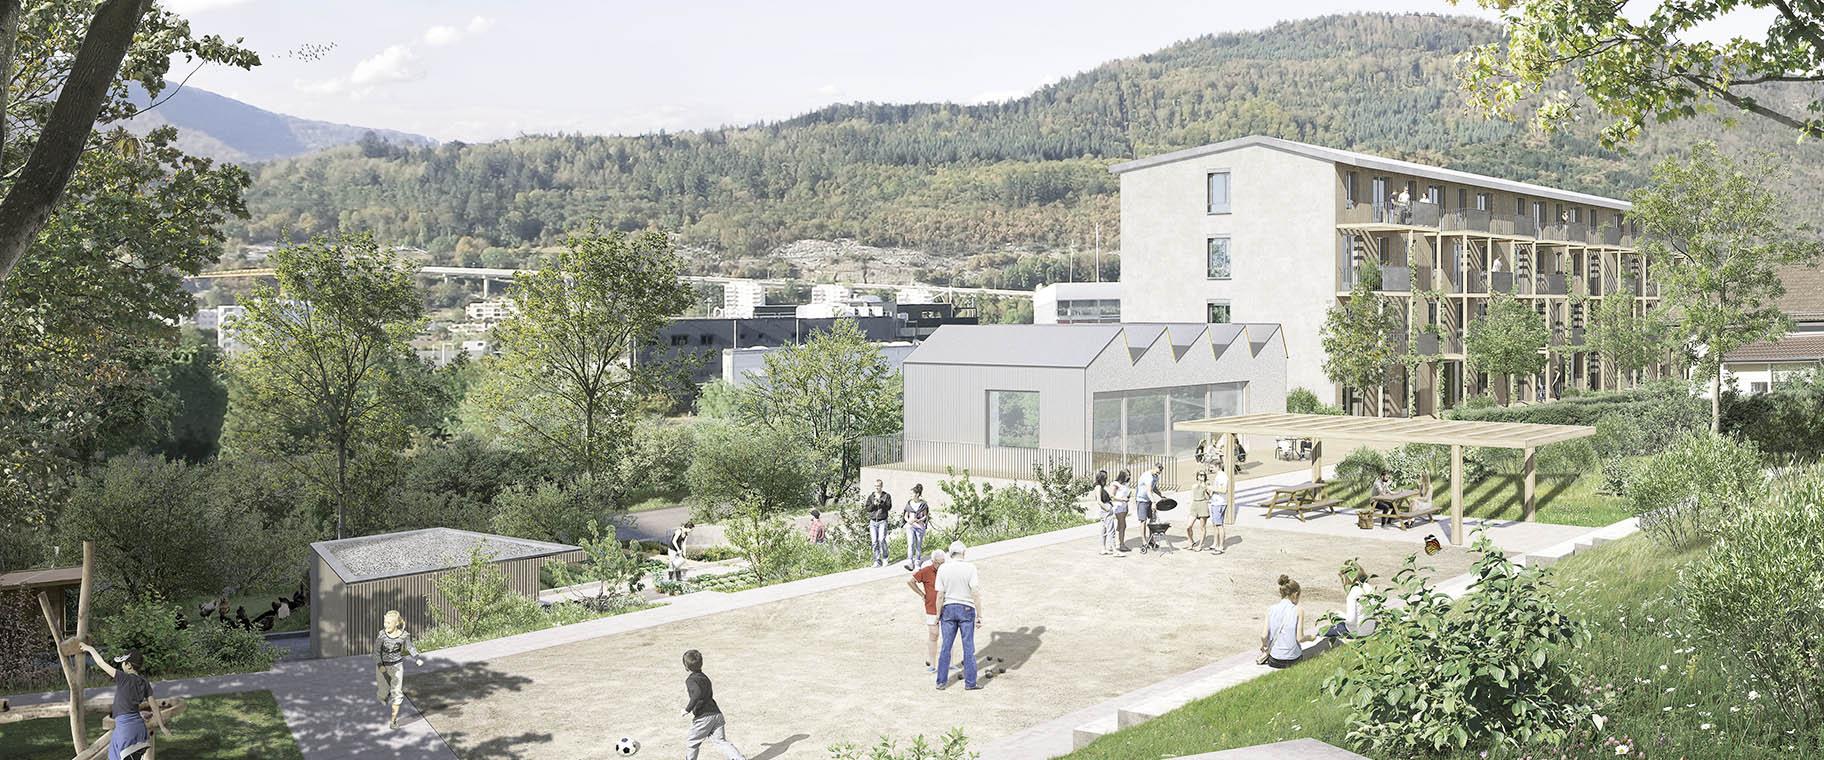 Perspective un concours d'architecture pour des logements coopératif au Chemin Mettlen à Bienne, VIMADE Architectes paysagiste et ATBA Architectes